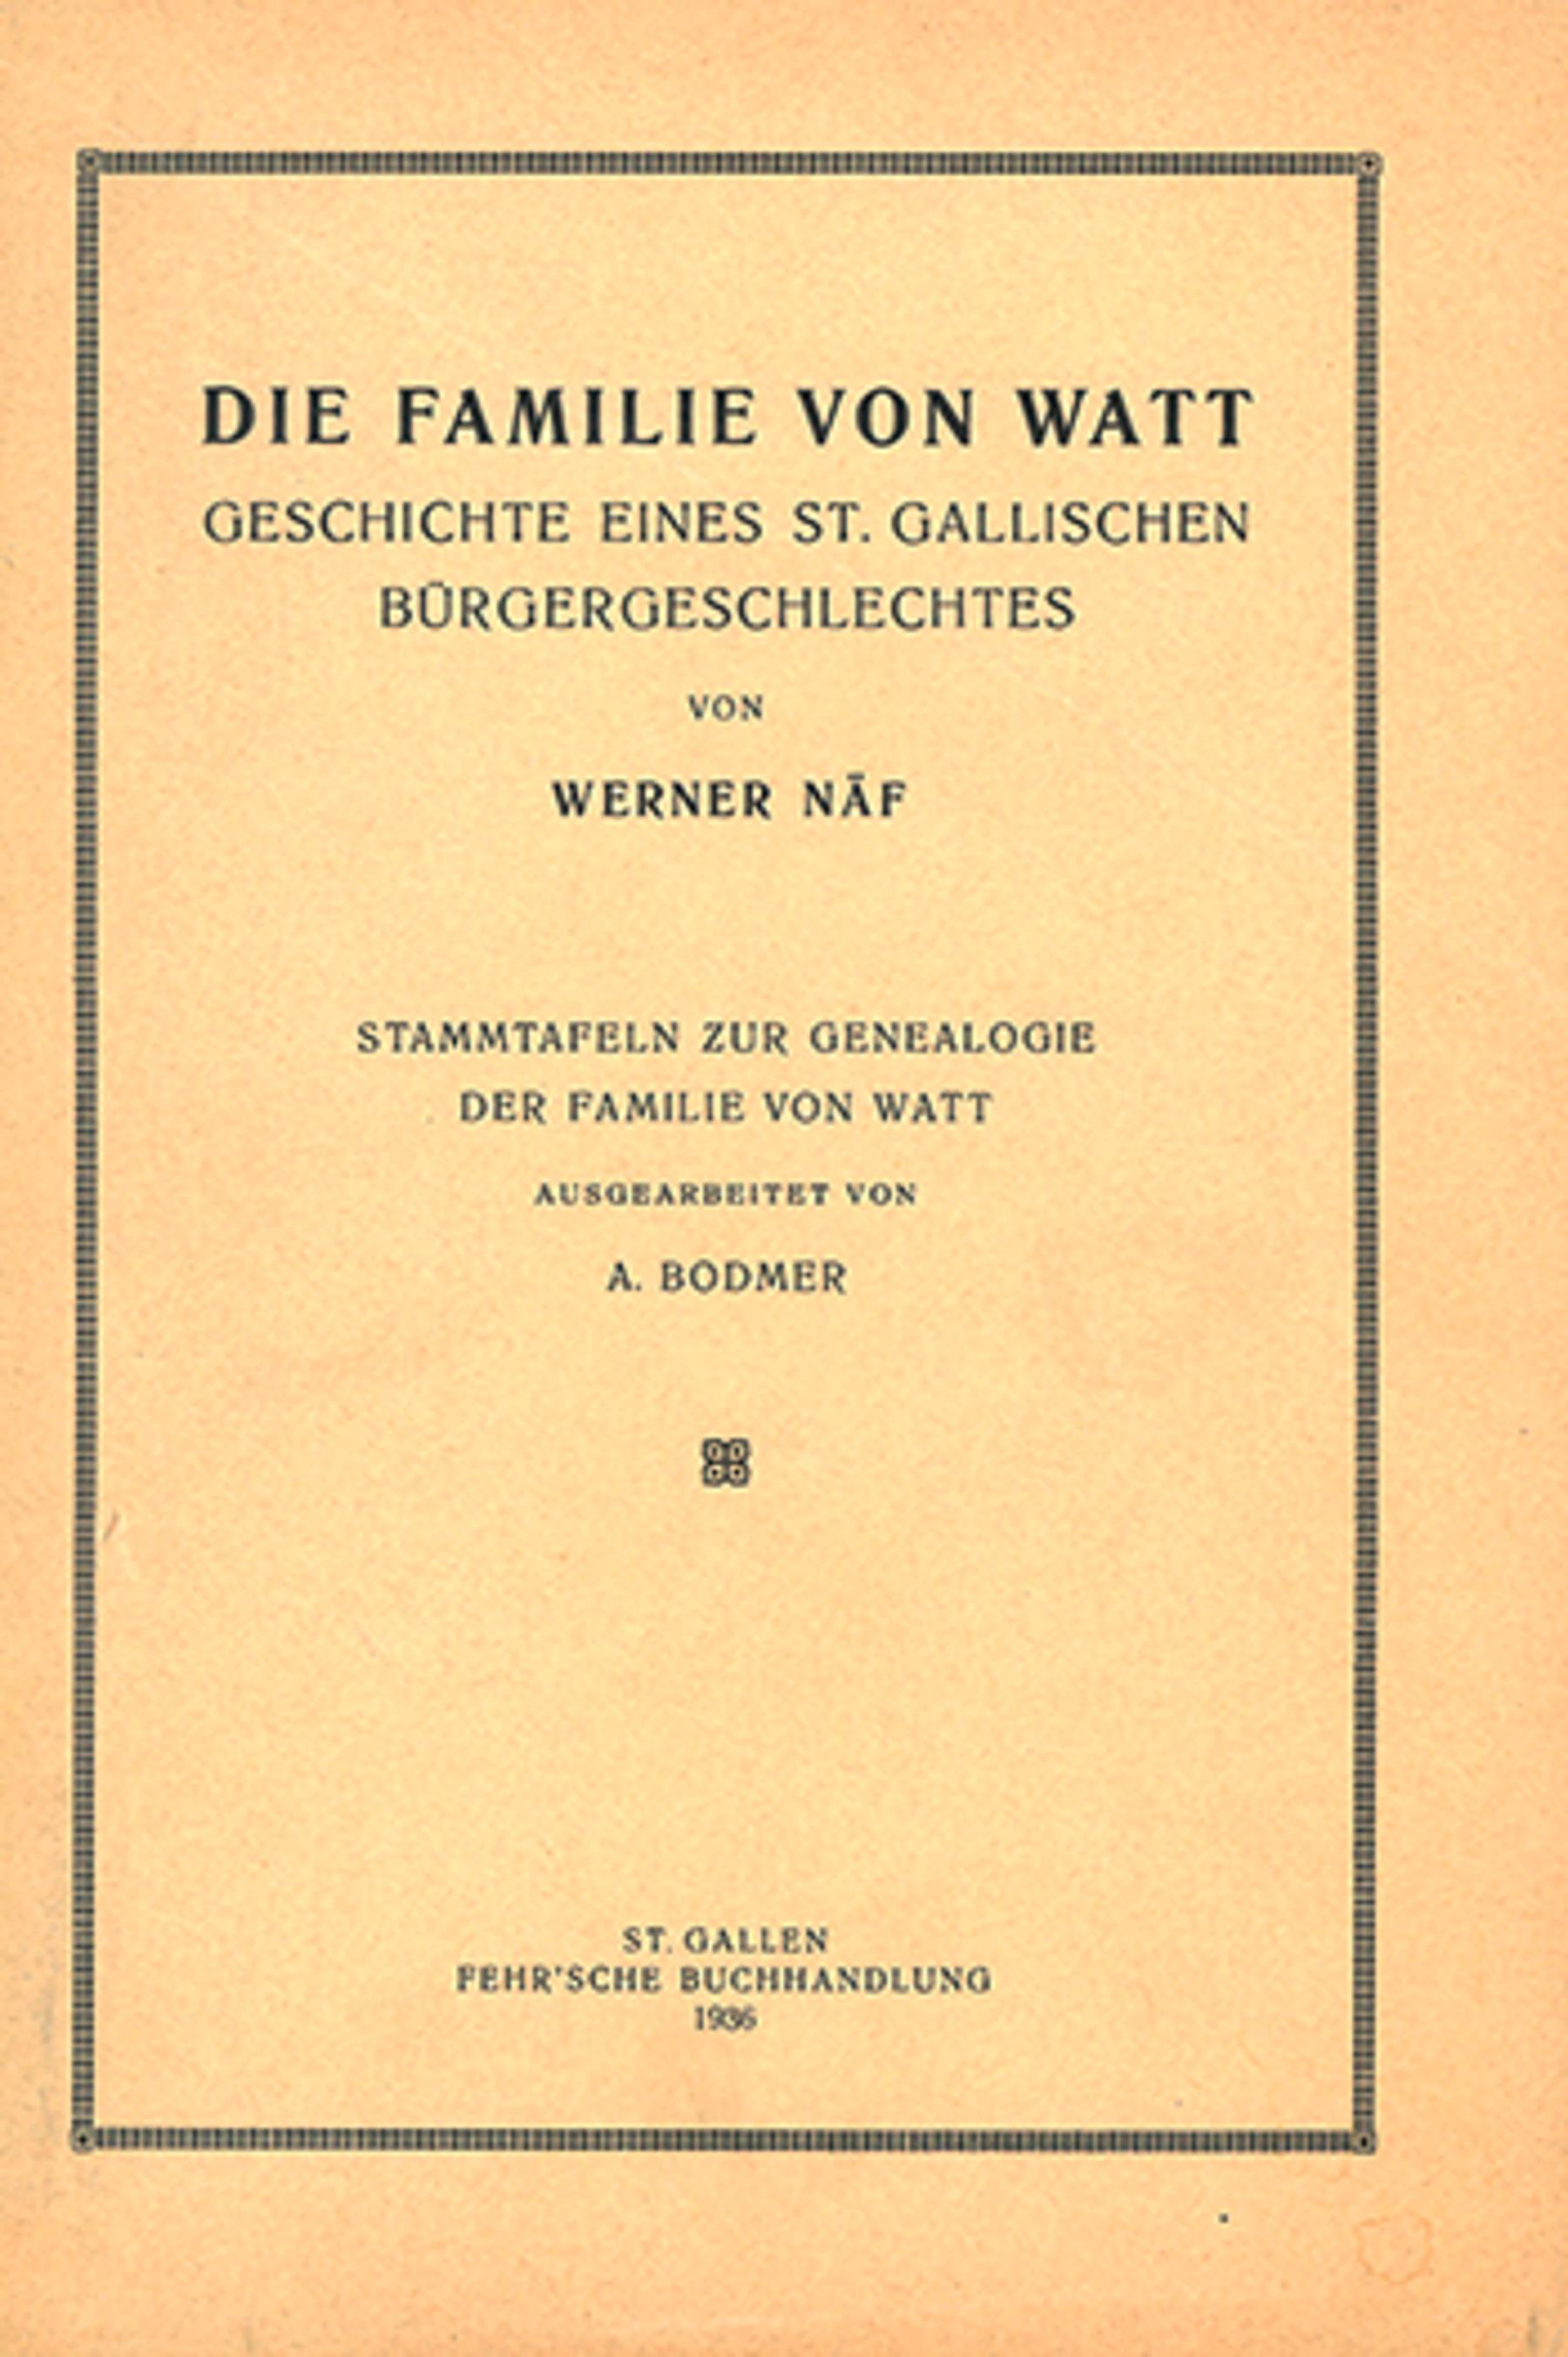 Die Familie von Watt